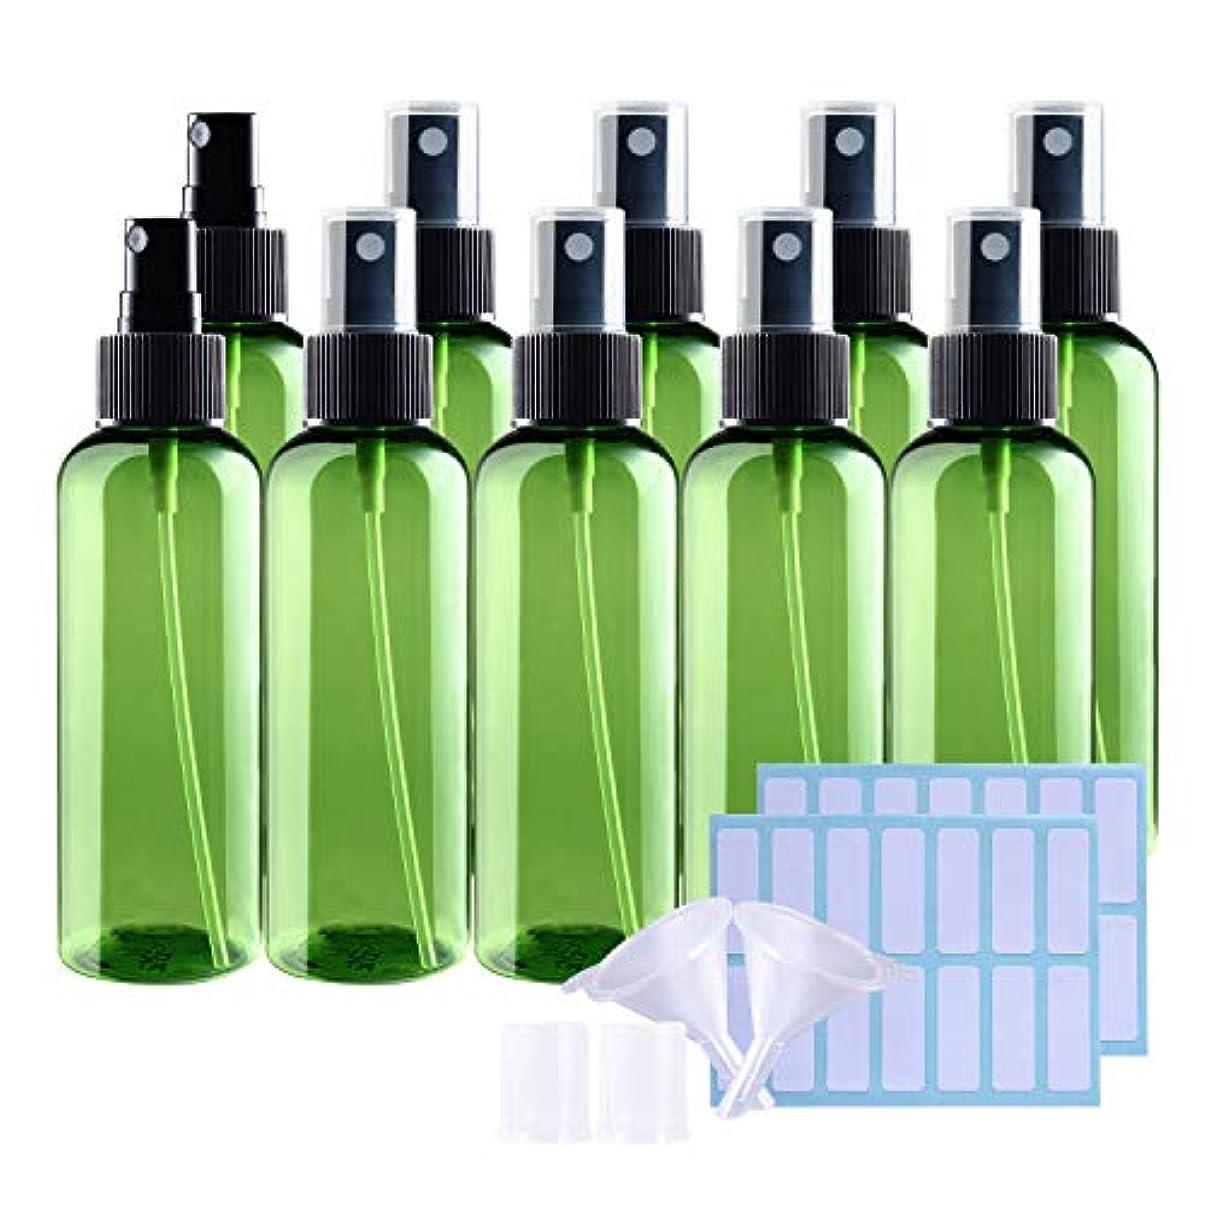 小さい説教する自治100mlスプレーボトル 10個セット遮光瓶 小分けボトル プラスチック容器 液体用空ボトル 押し式詰替用ボトル 詰め替え シャンプー クリーム 化粧品 収納瓶(緑 10本)